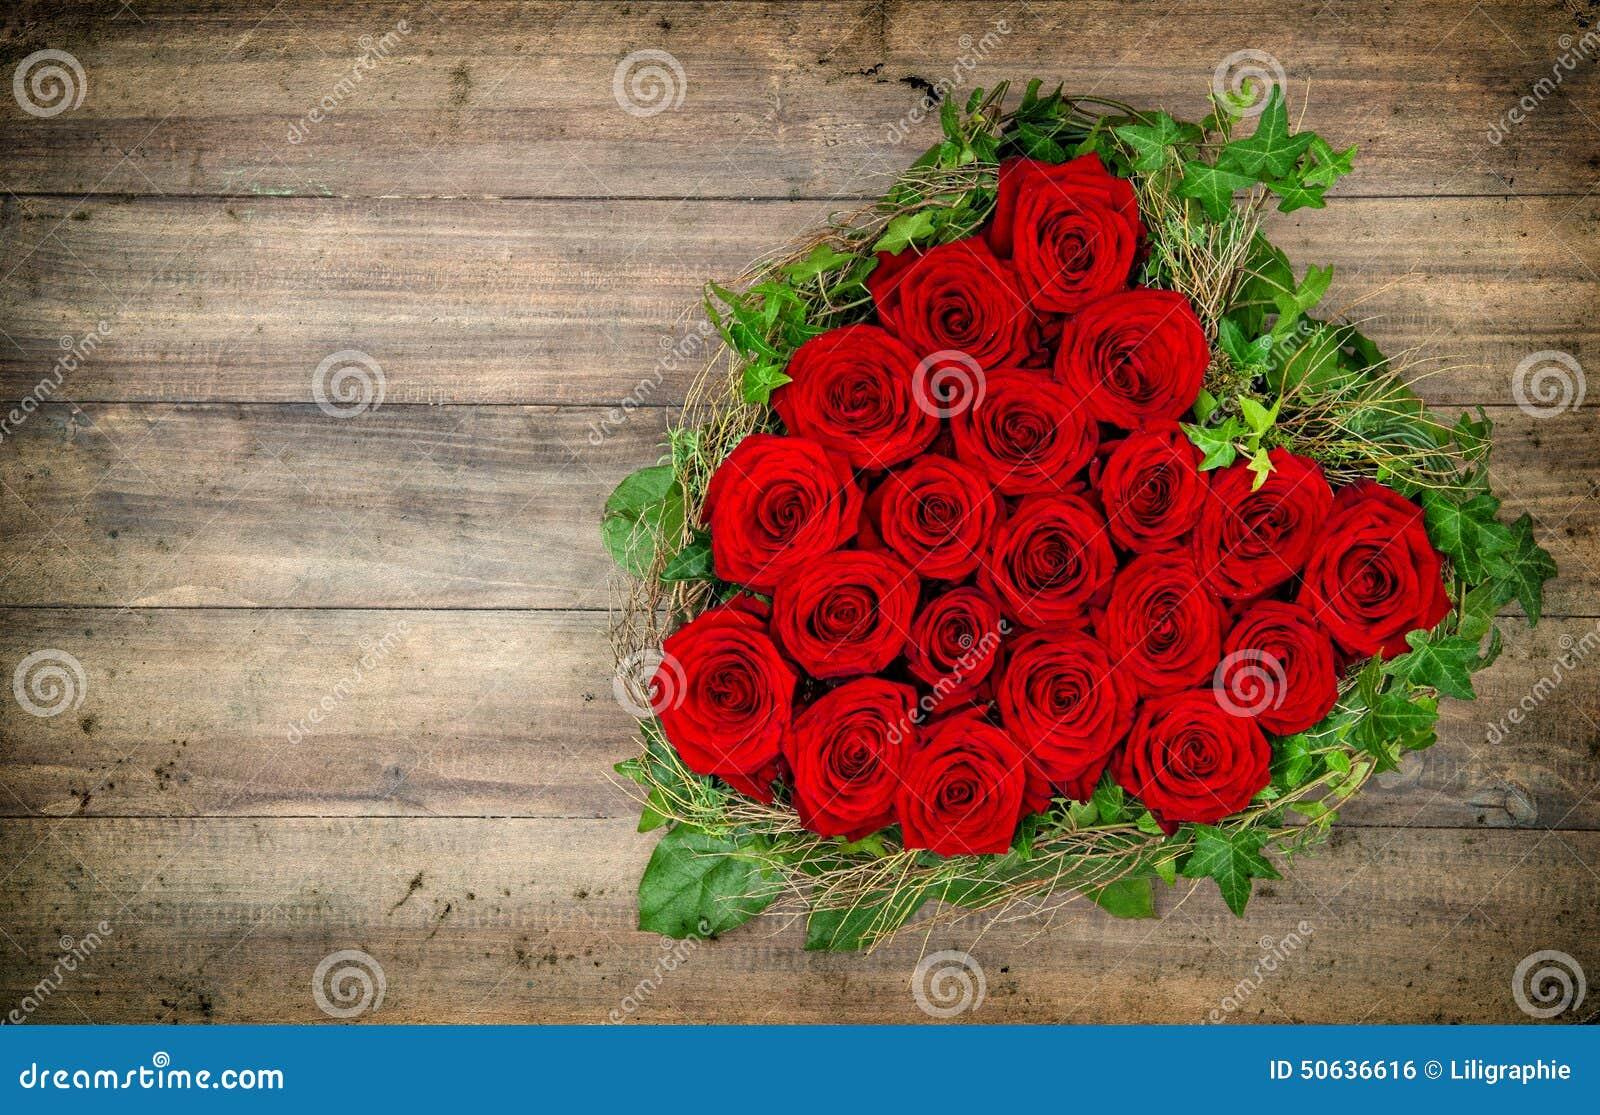 Ramo en forma de corazón de las rosas rojas en fondo de madera valentines